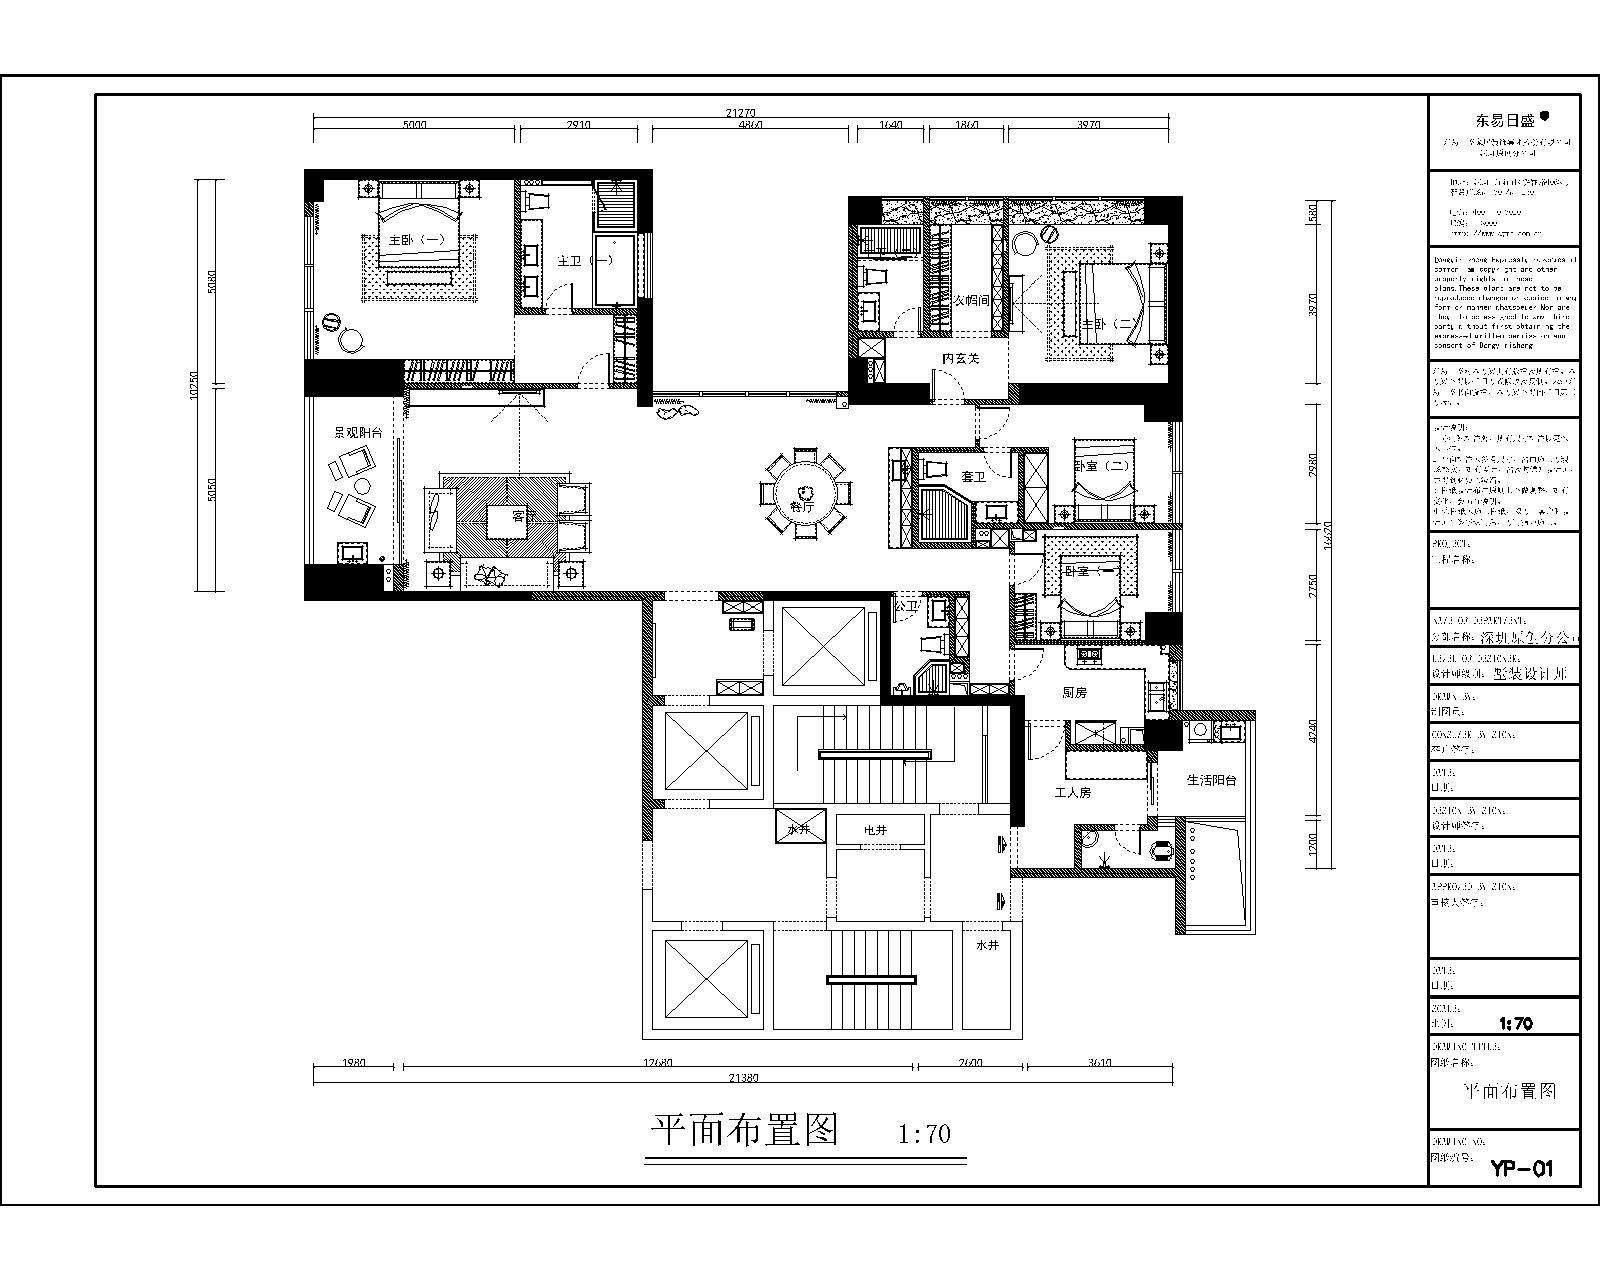 天鵝堡二期260㎡-現代輕奢風格設計-高端裝修效果圖裝修設計理念